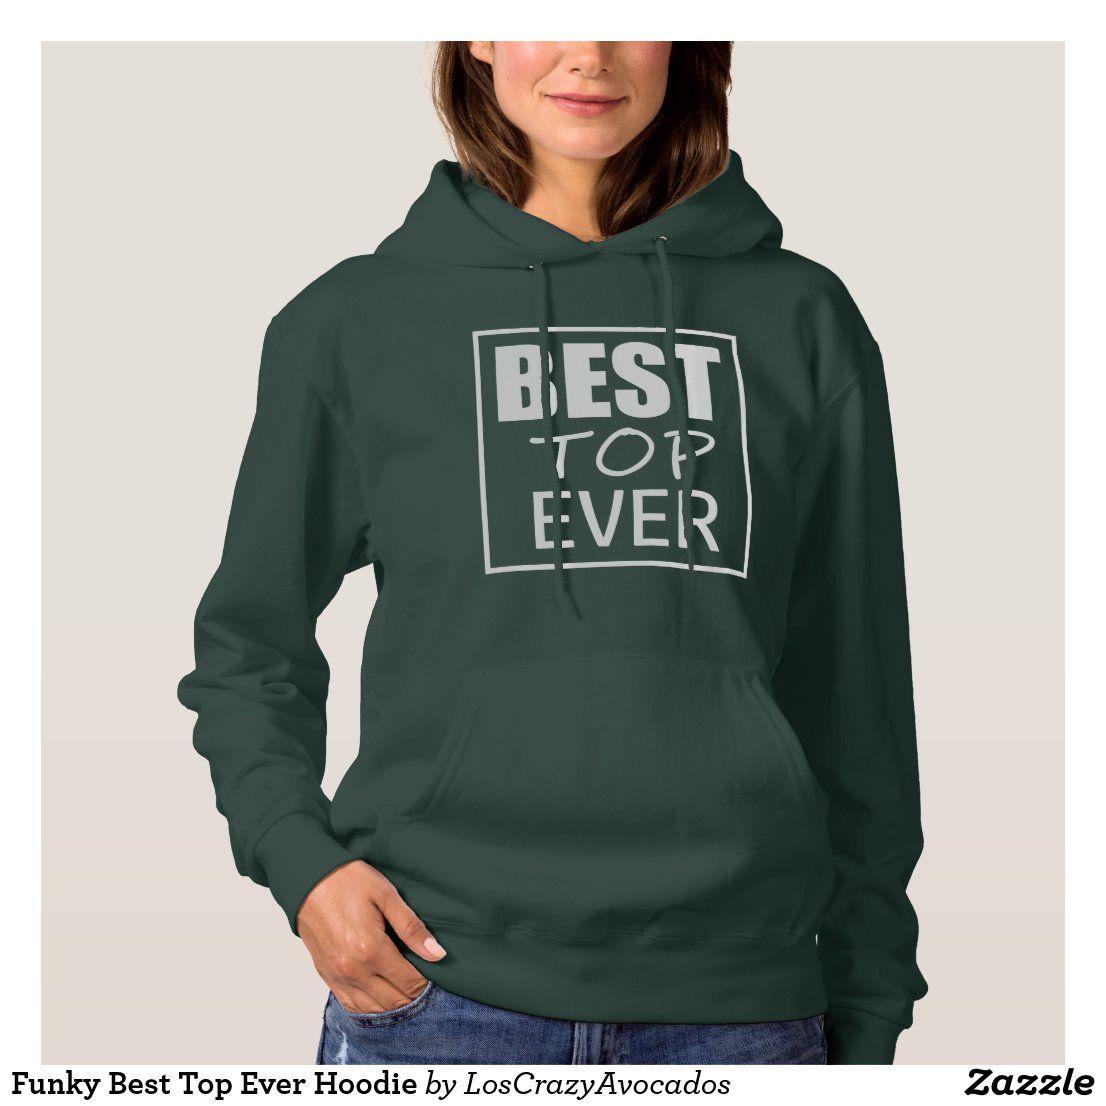 Funky Best Top Ever Hoodie Zazzle Com Hoodies Personalized Hoodies Nice Tops [ 1106 x 1106 Pixel ]